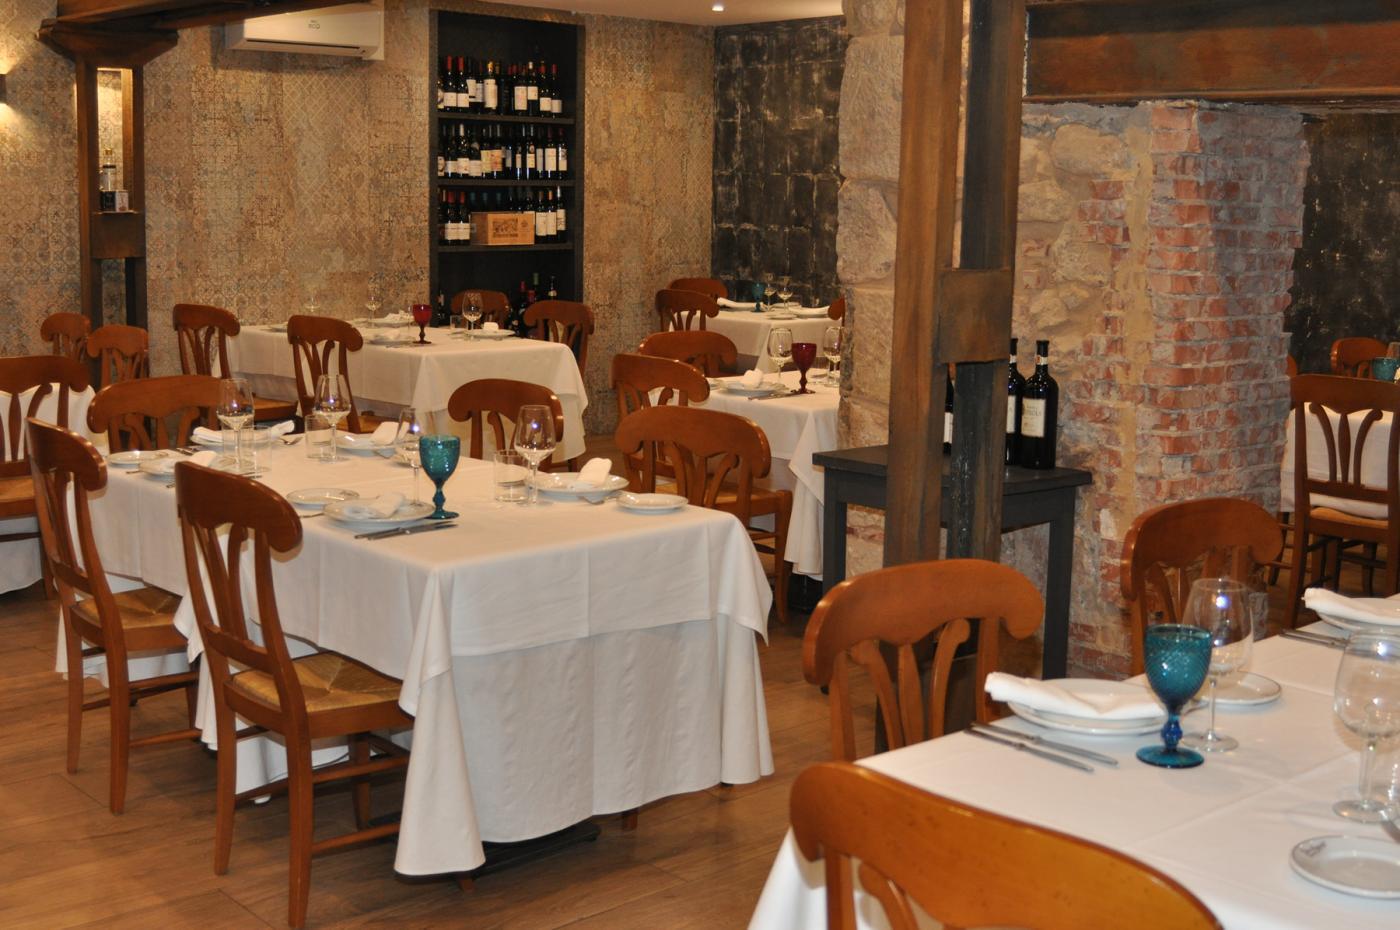 Restaurante Casa Augusto Arranz: Interior del Restaurante Casa Augusto Arranz de Soria